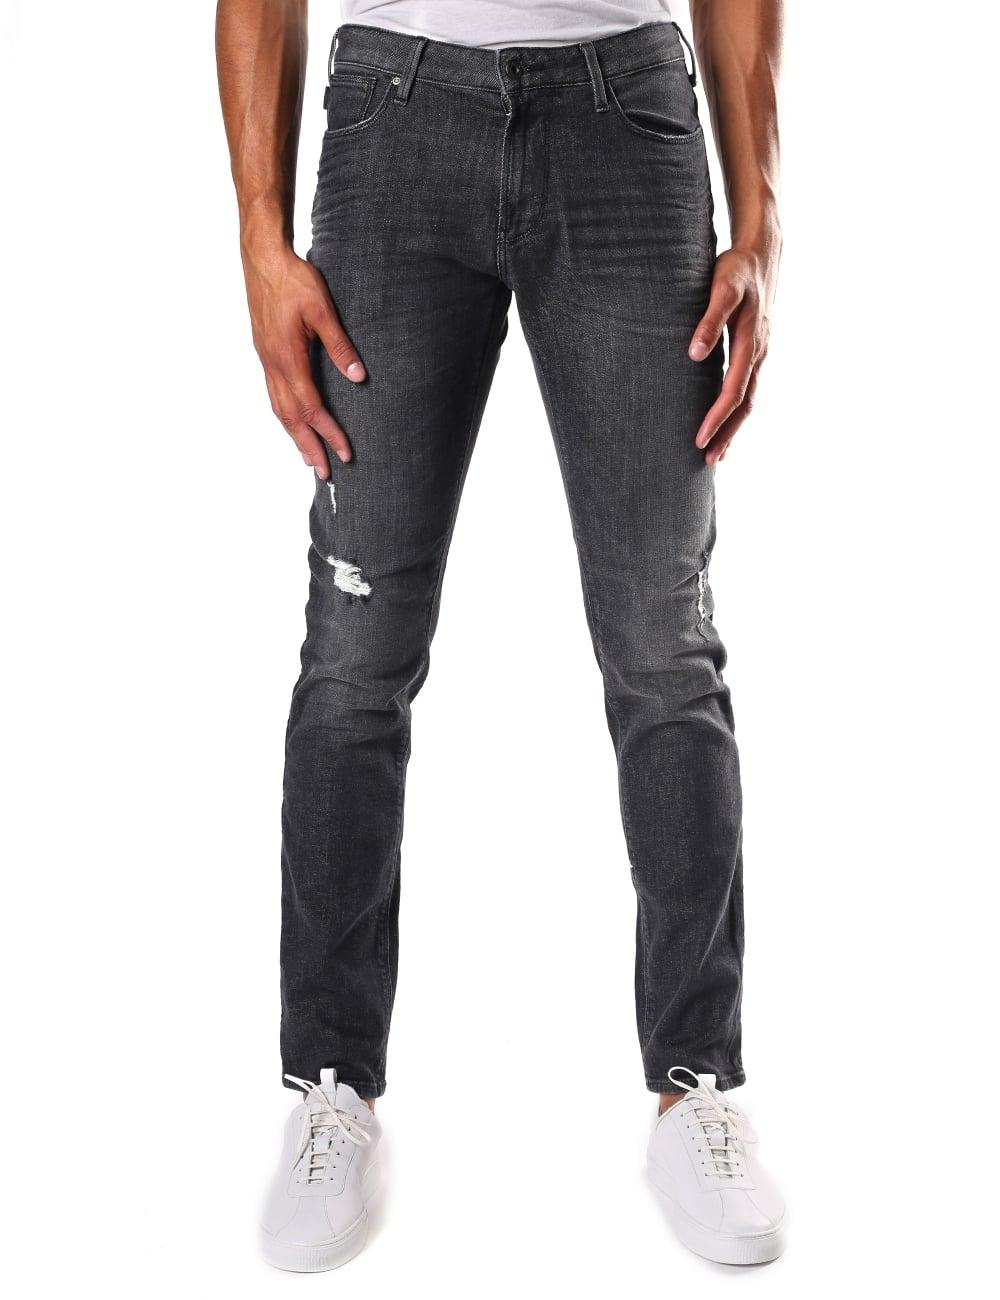 4033dfc1d5 Armani Jeans Men's Slim Fit Distressed Jean